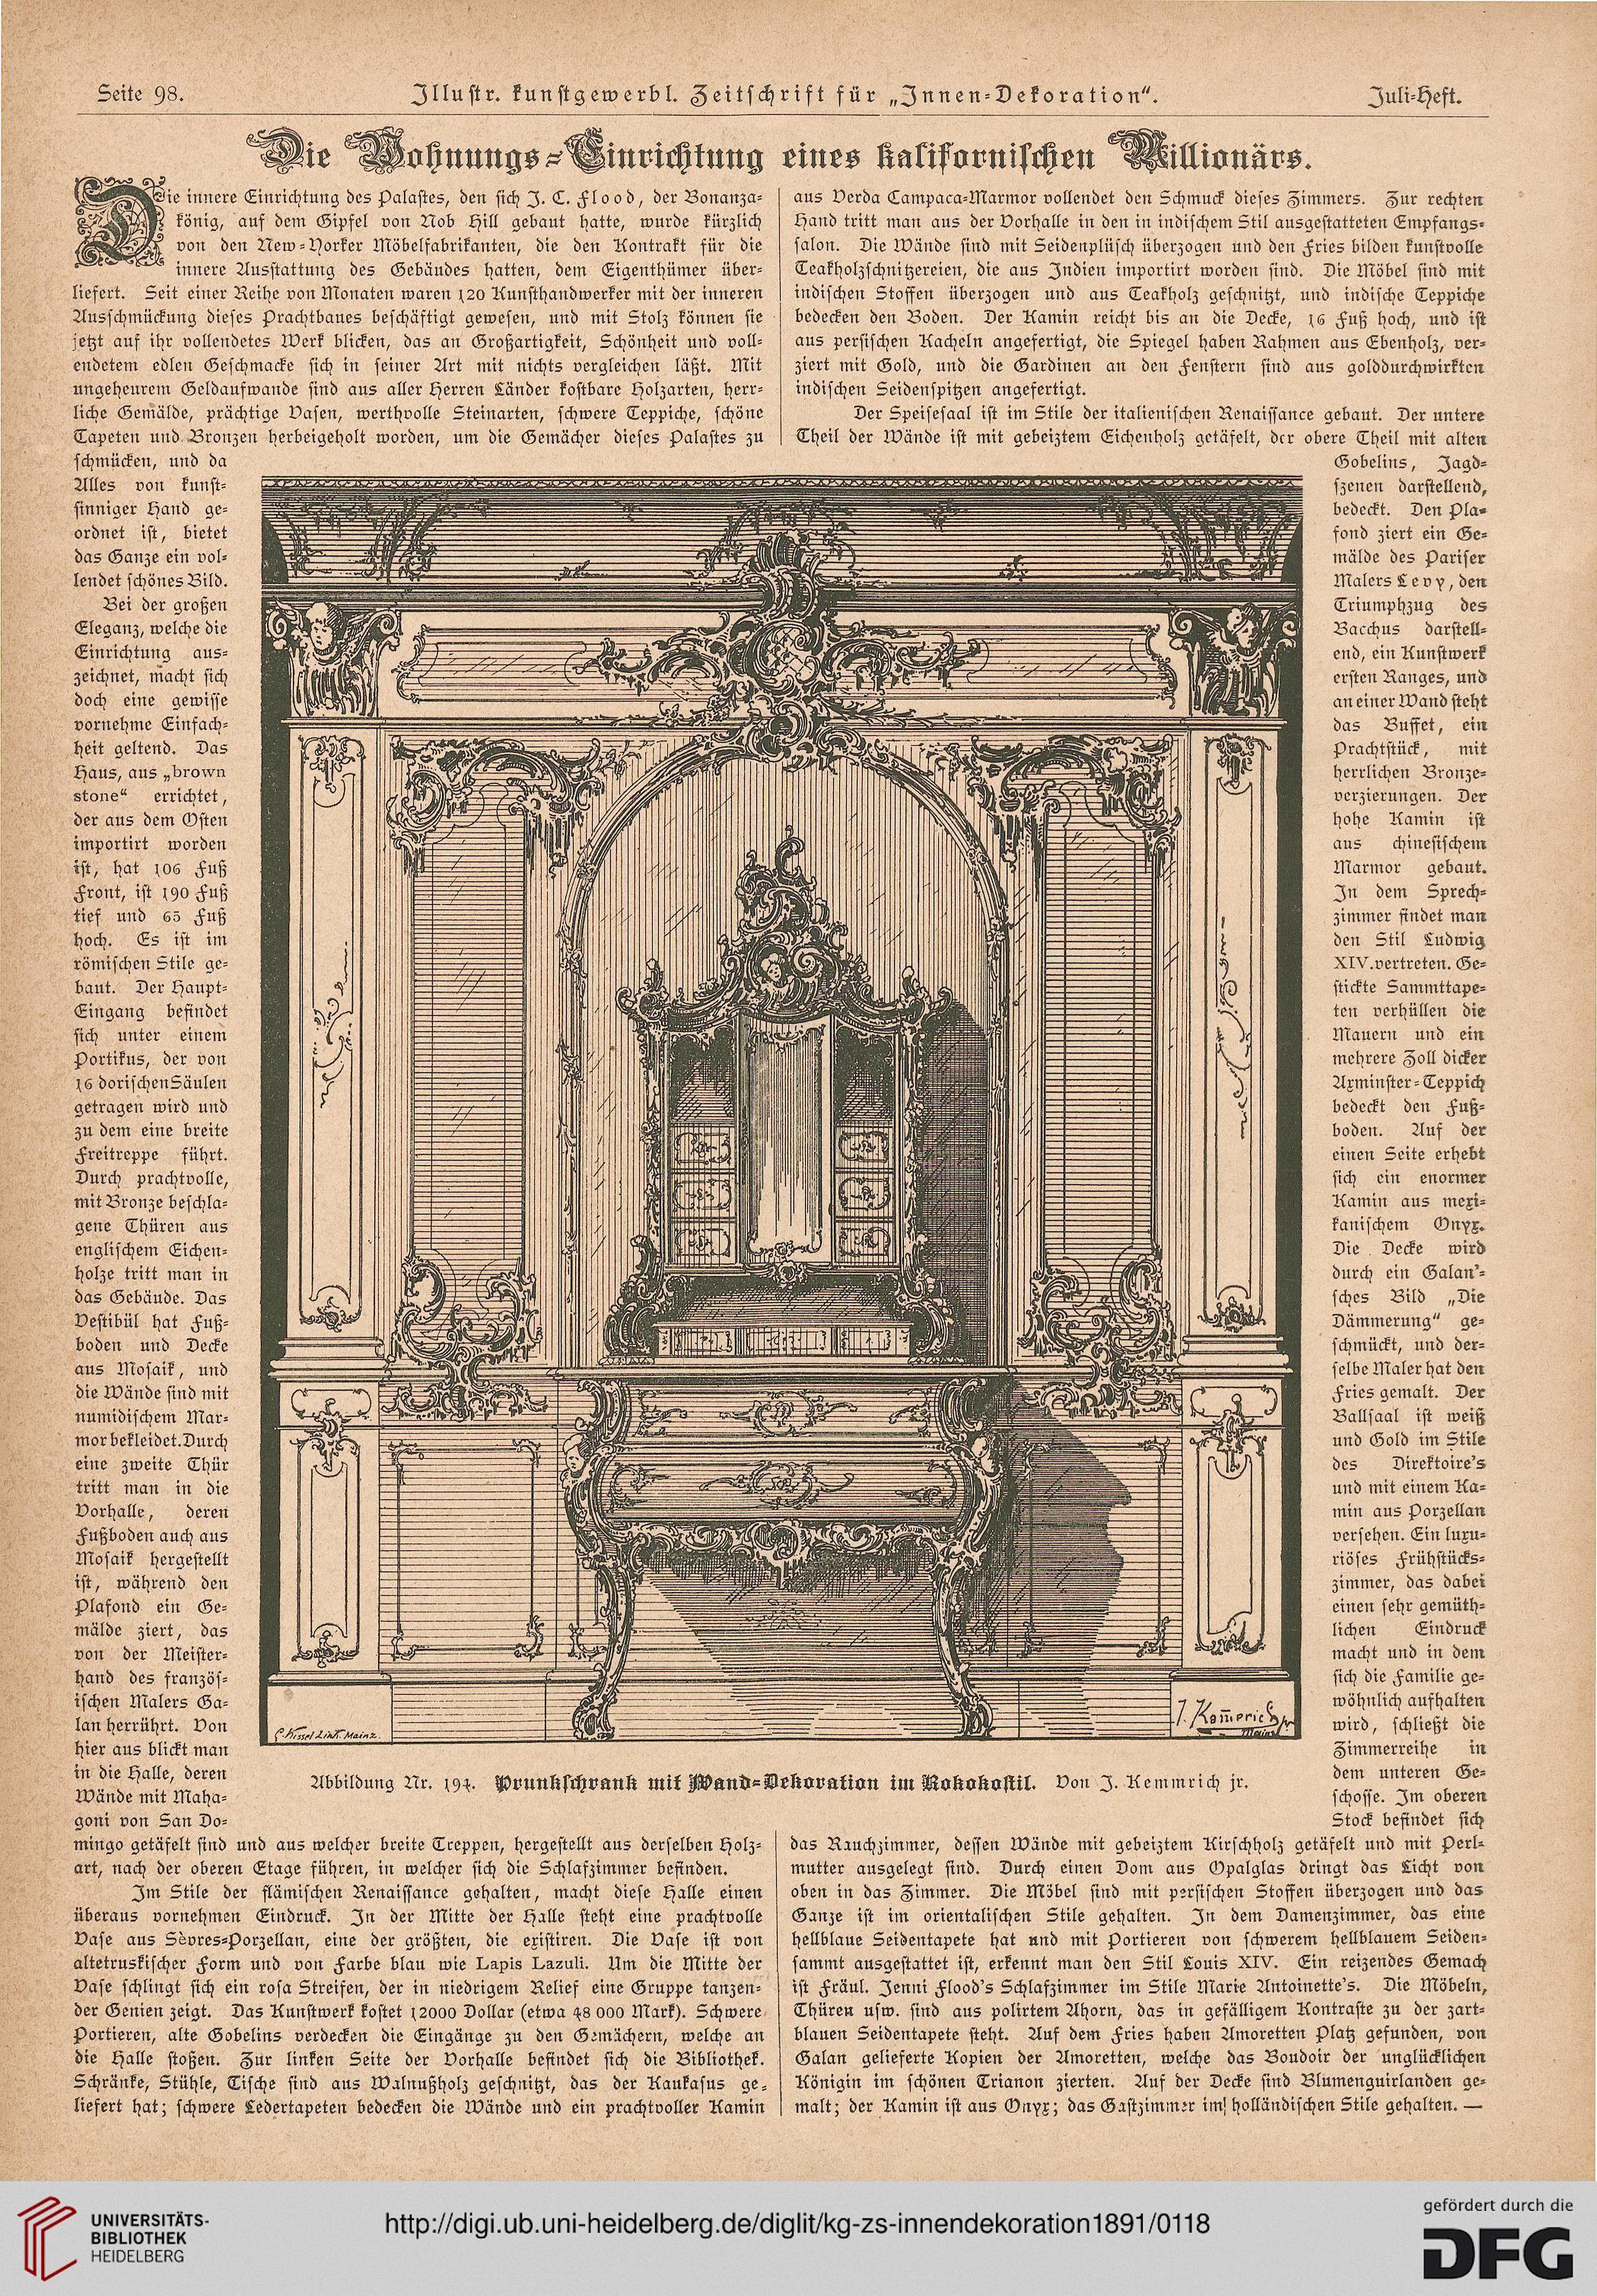 Illustrirte kunstgewerbliche Zeitschrift für Innendekoration (2.1891)